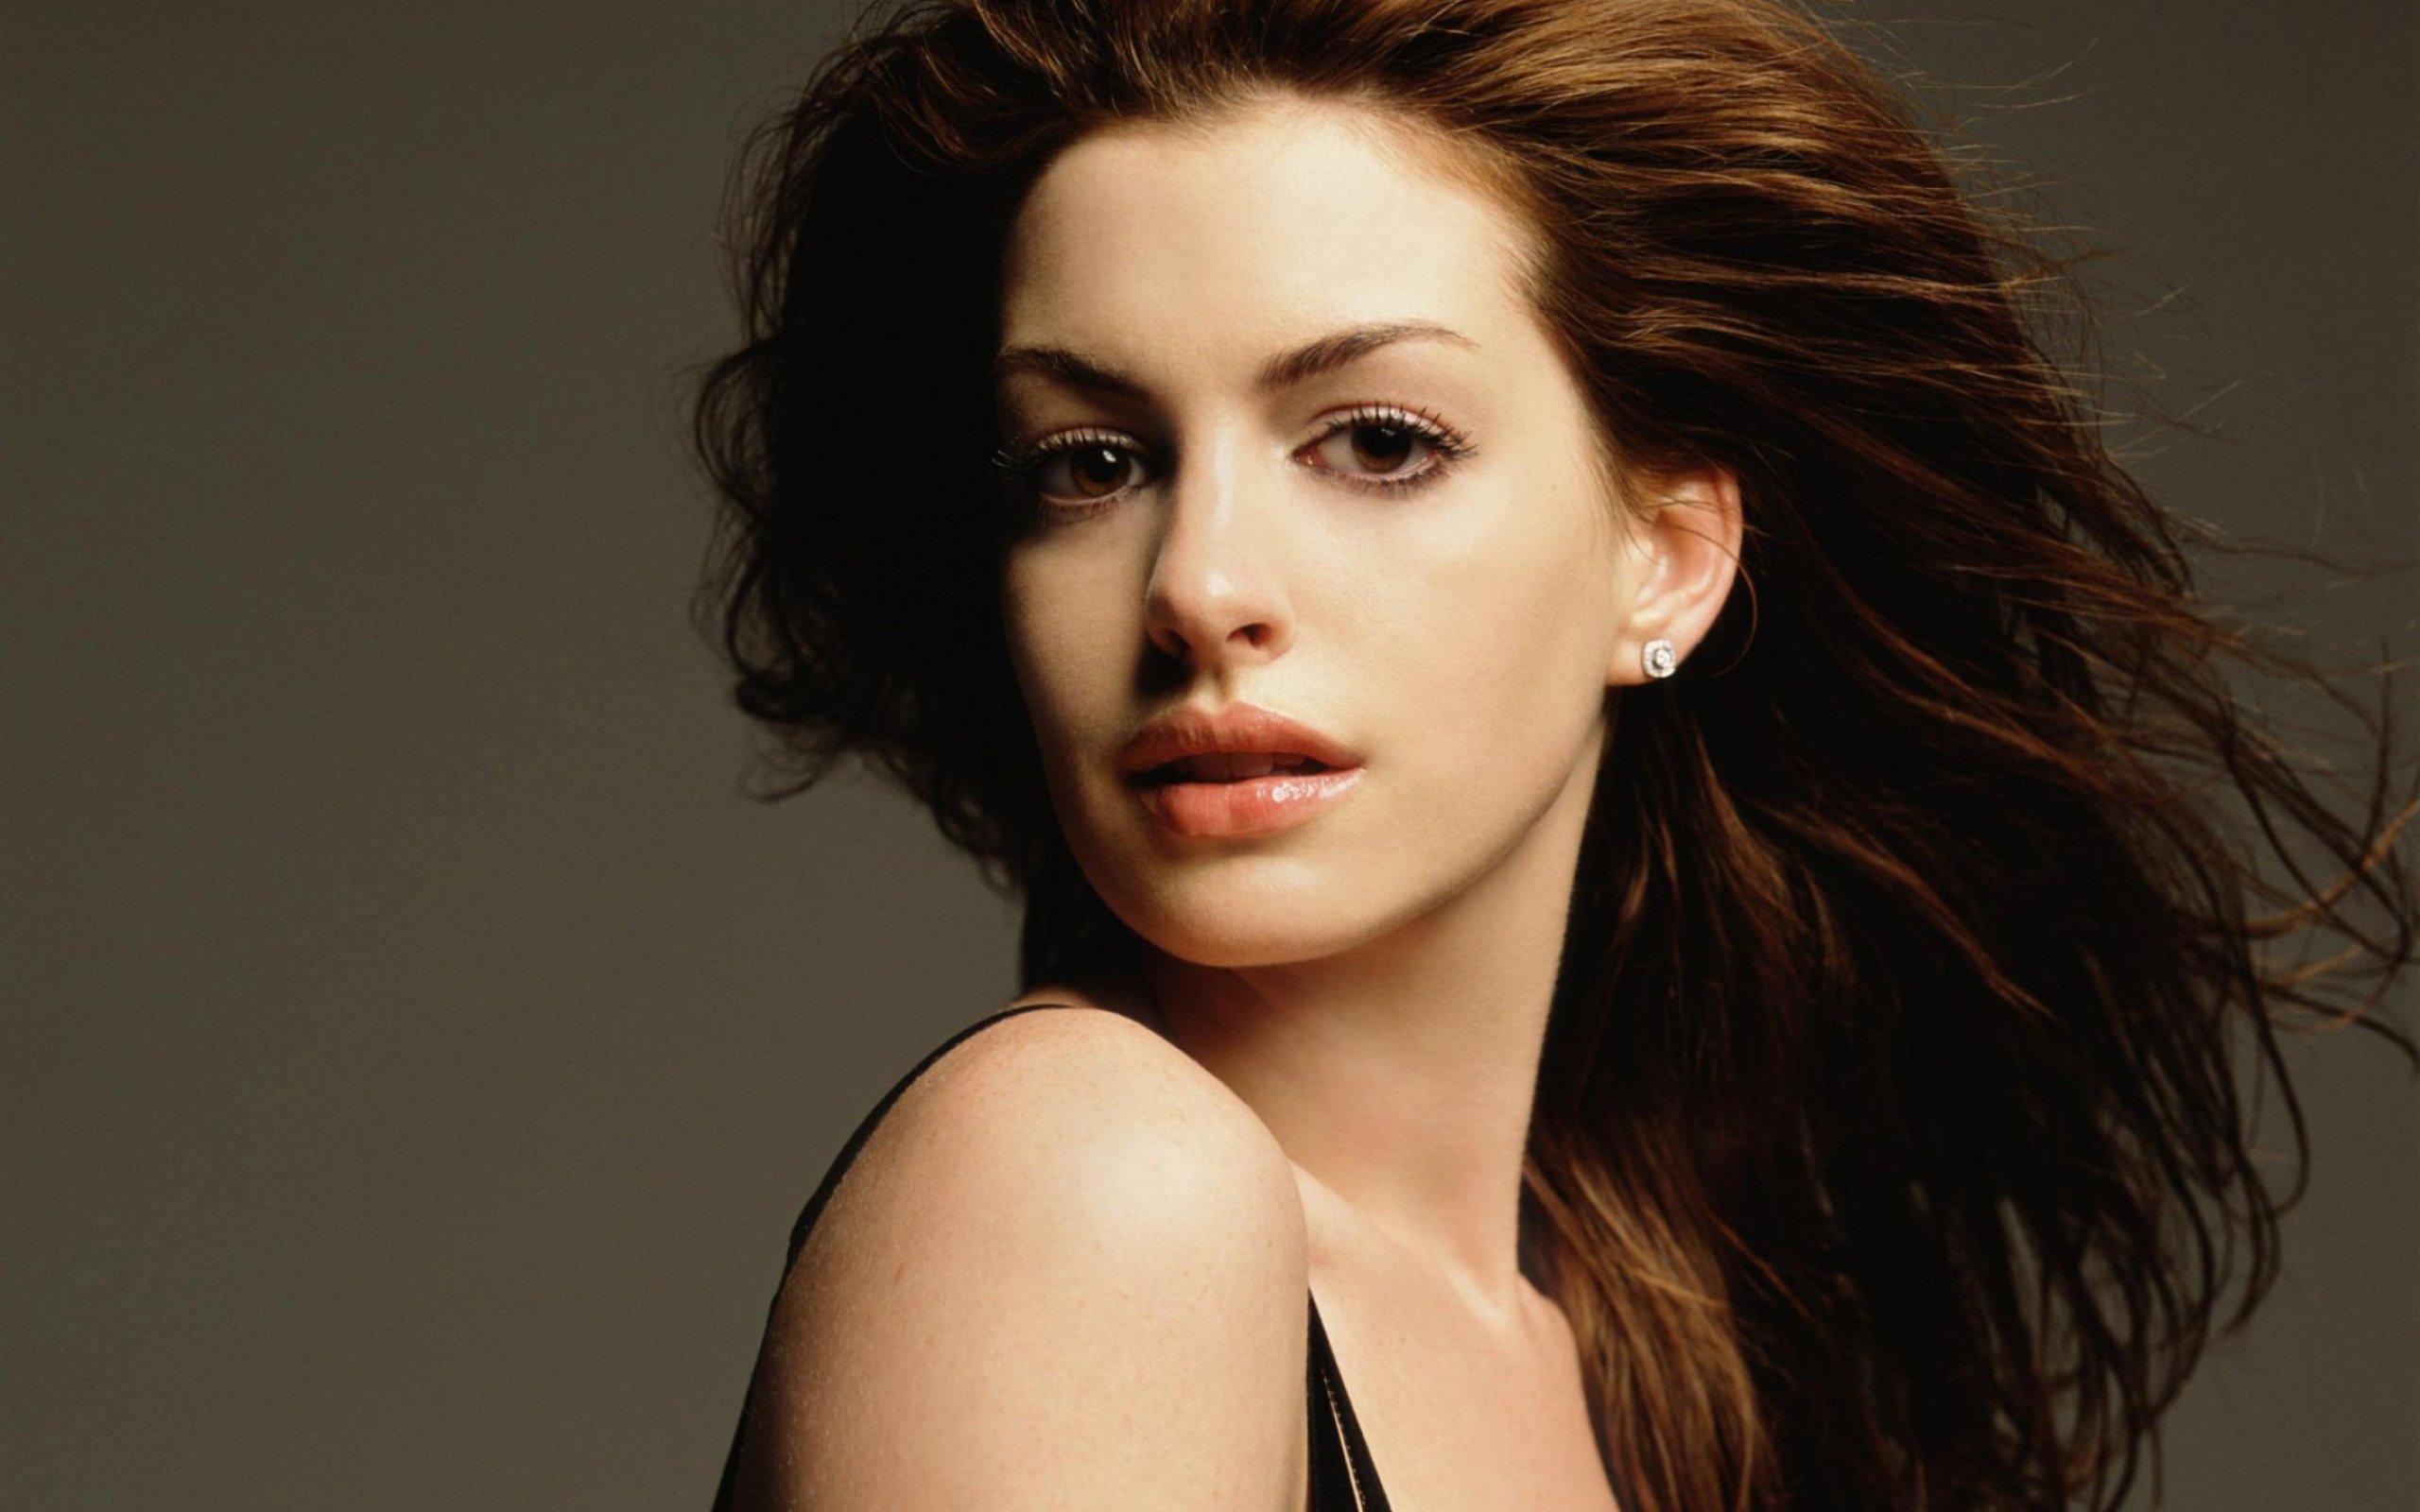 голливудские актрисы фото и имена клиники рейтинге абдоминопластики